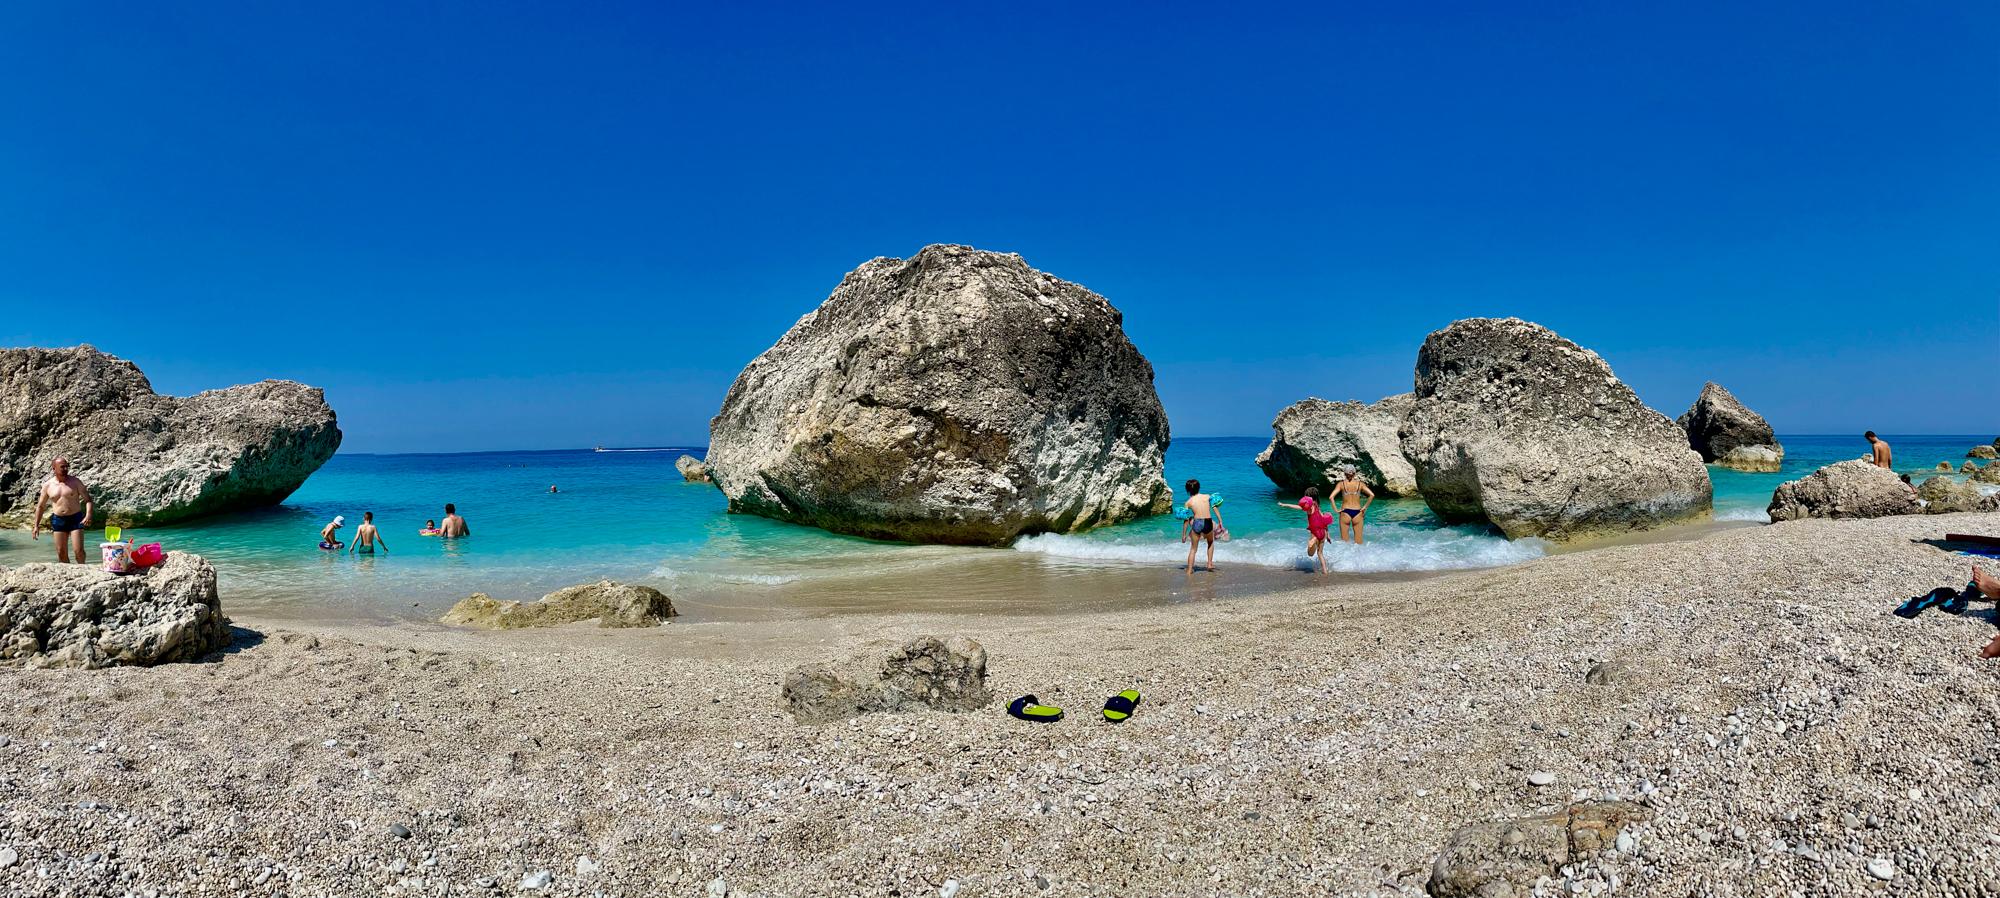 Plajă în Lefkada